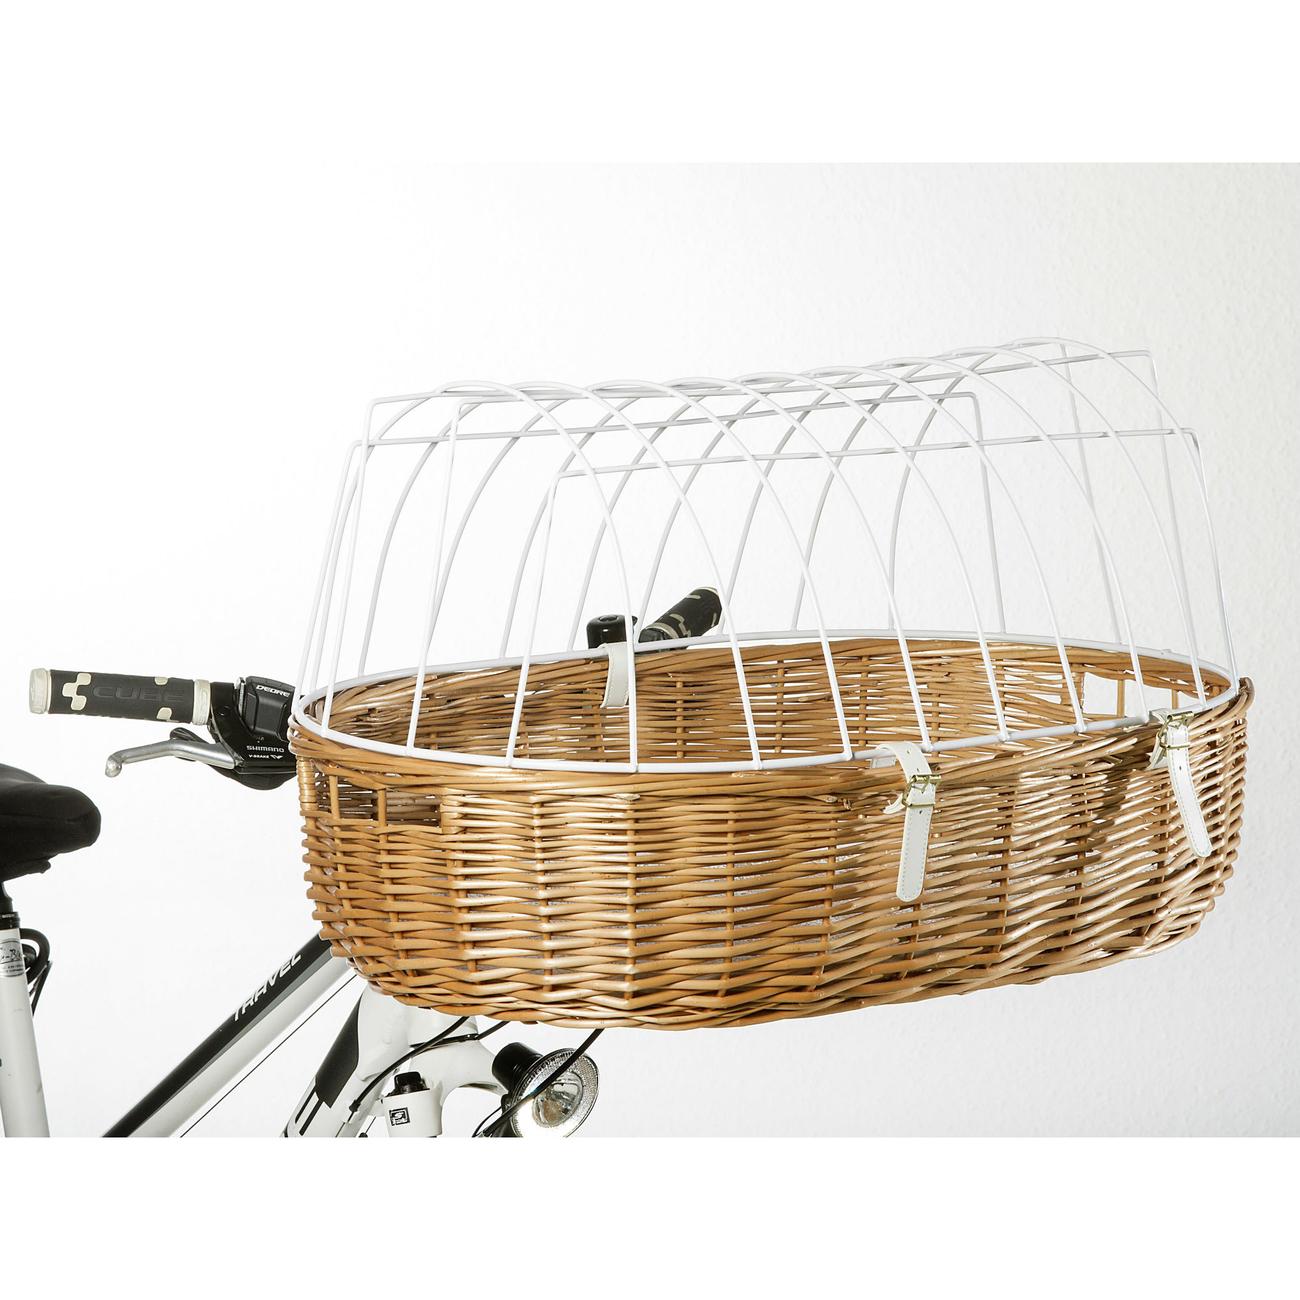 Aumüller Hundefahrradkorb Steuerkopfmontage vorne von Aumüller, Bild 8